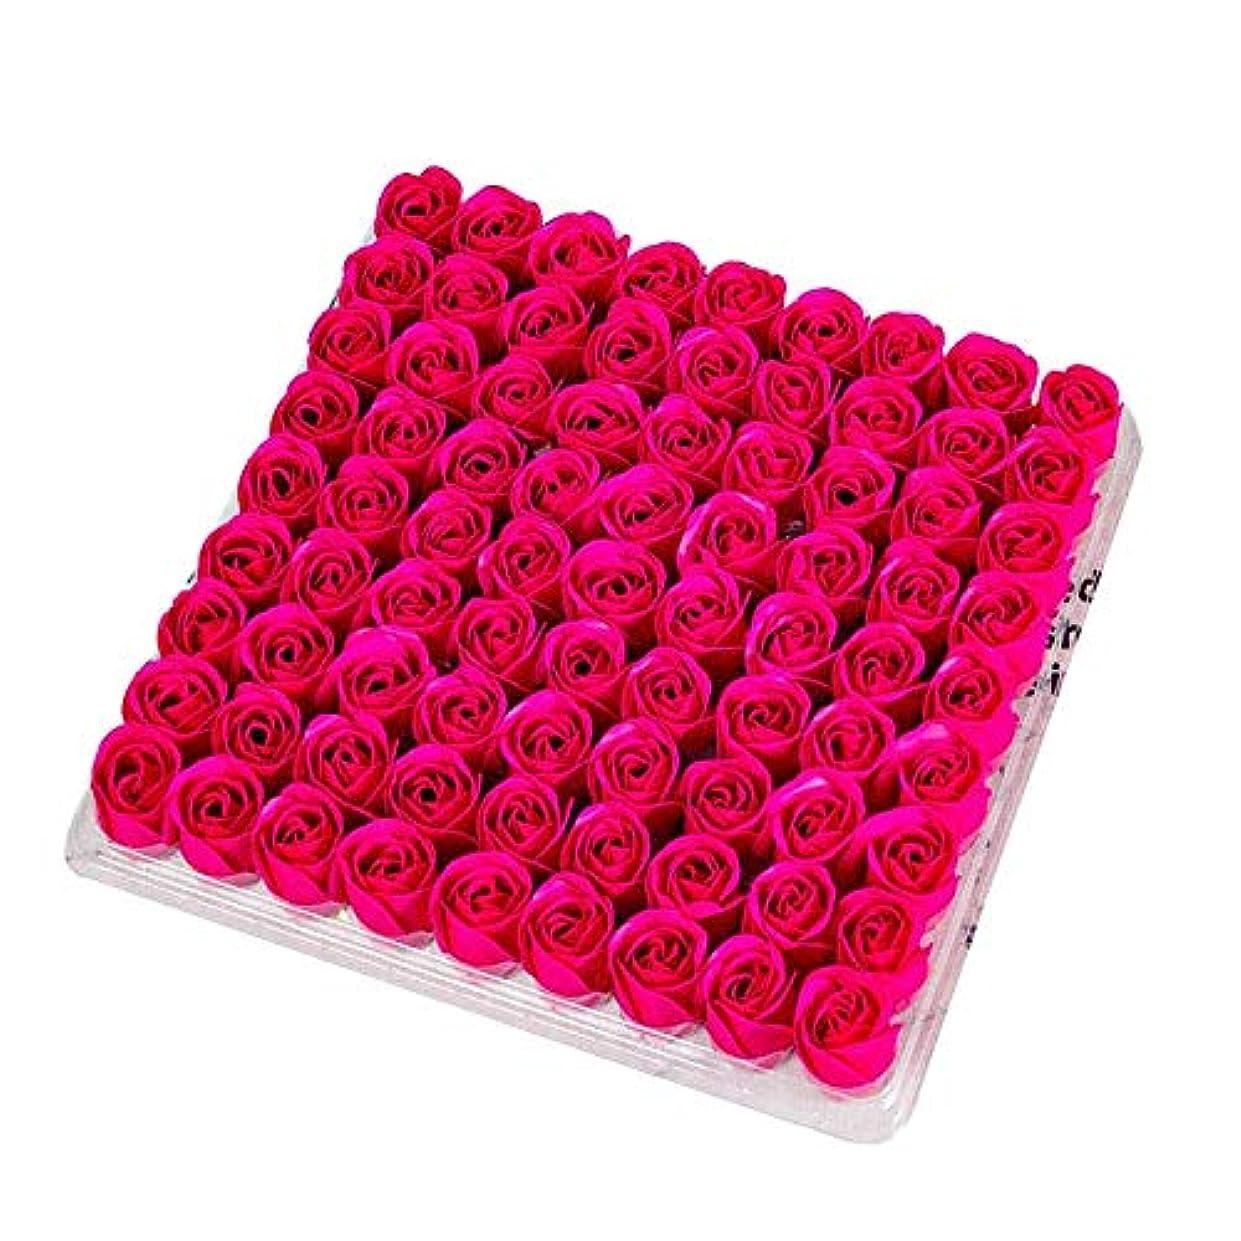 自分のためにゴージャス帝国主義CUHAWUDBA 81個の薔薇、バス ボディ フラワー?フローラルの石けん 香りのよいローズフラワー エッセンシャルオイル フローラルのお客様への石鹸 ウェディング、パーティー、バレンタインデーの贈り物、薔薇、ローズレッド